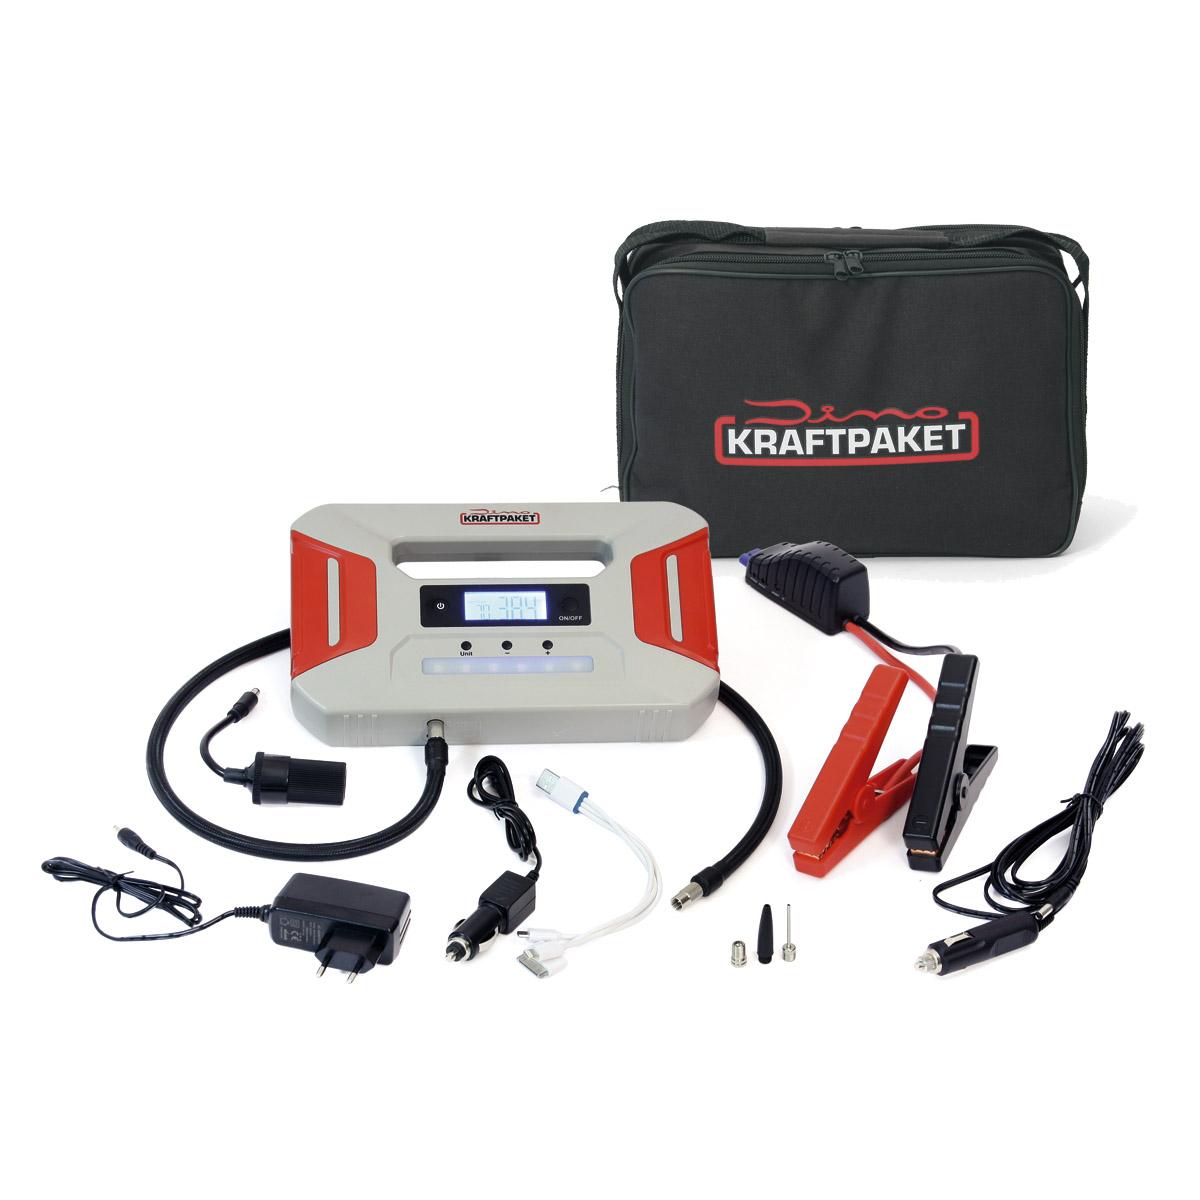 Dino Kraftpaket Batterie Starthilfegerät mit Powerbank 12V 600A und Kompressor